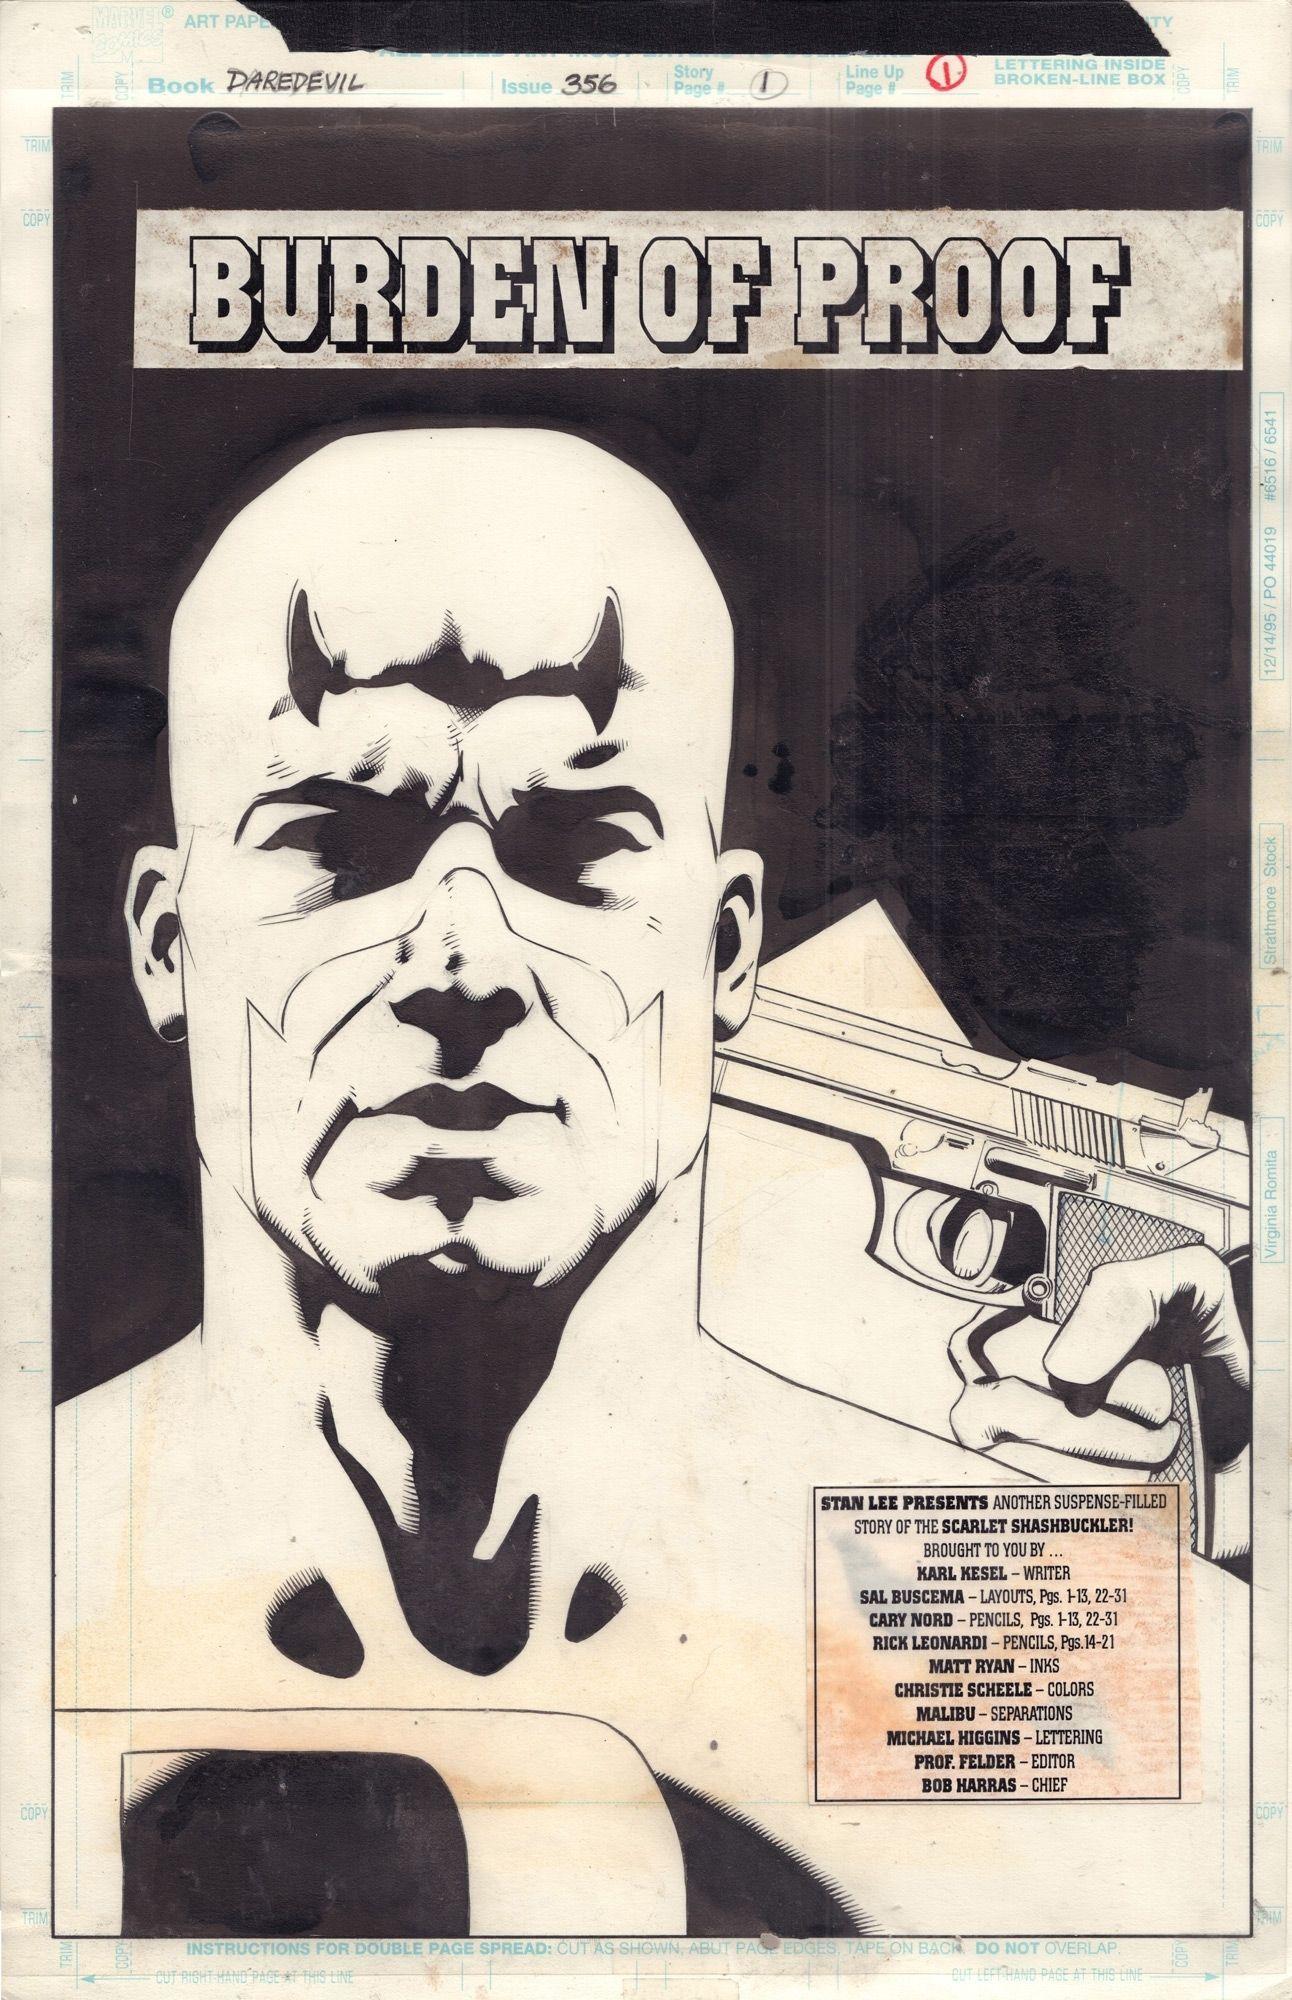 Daredevil #356 / 1